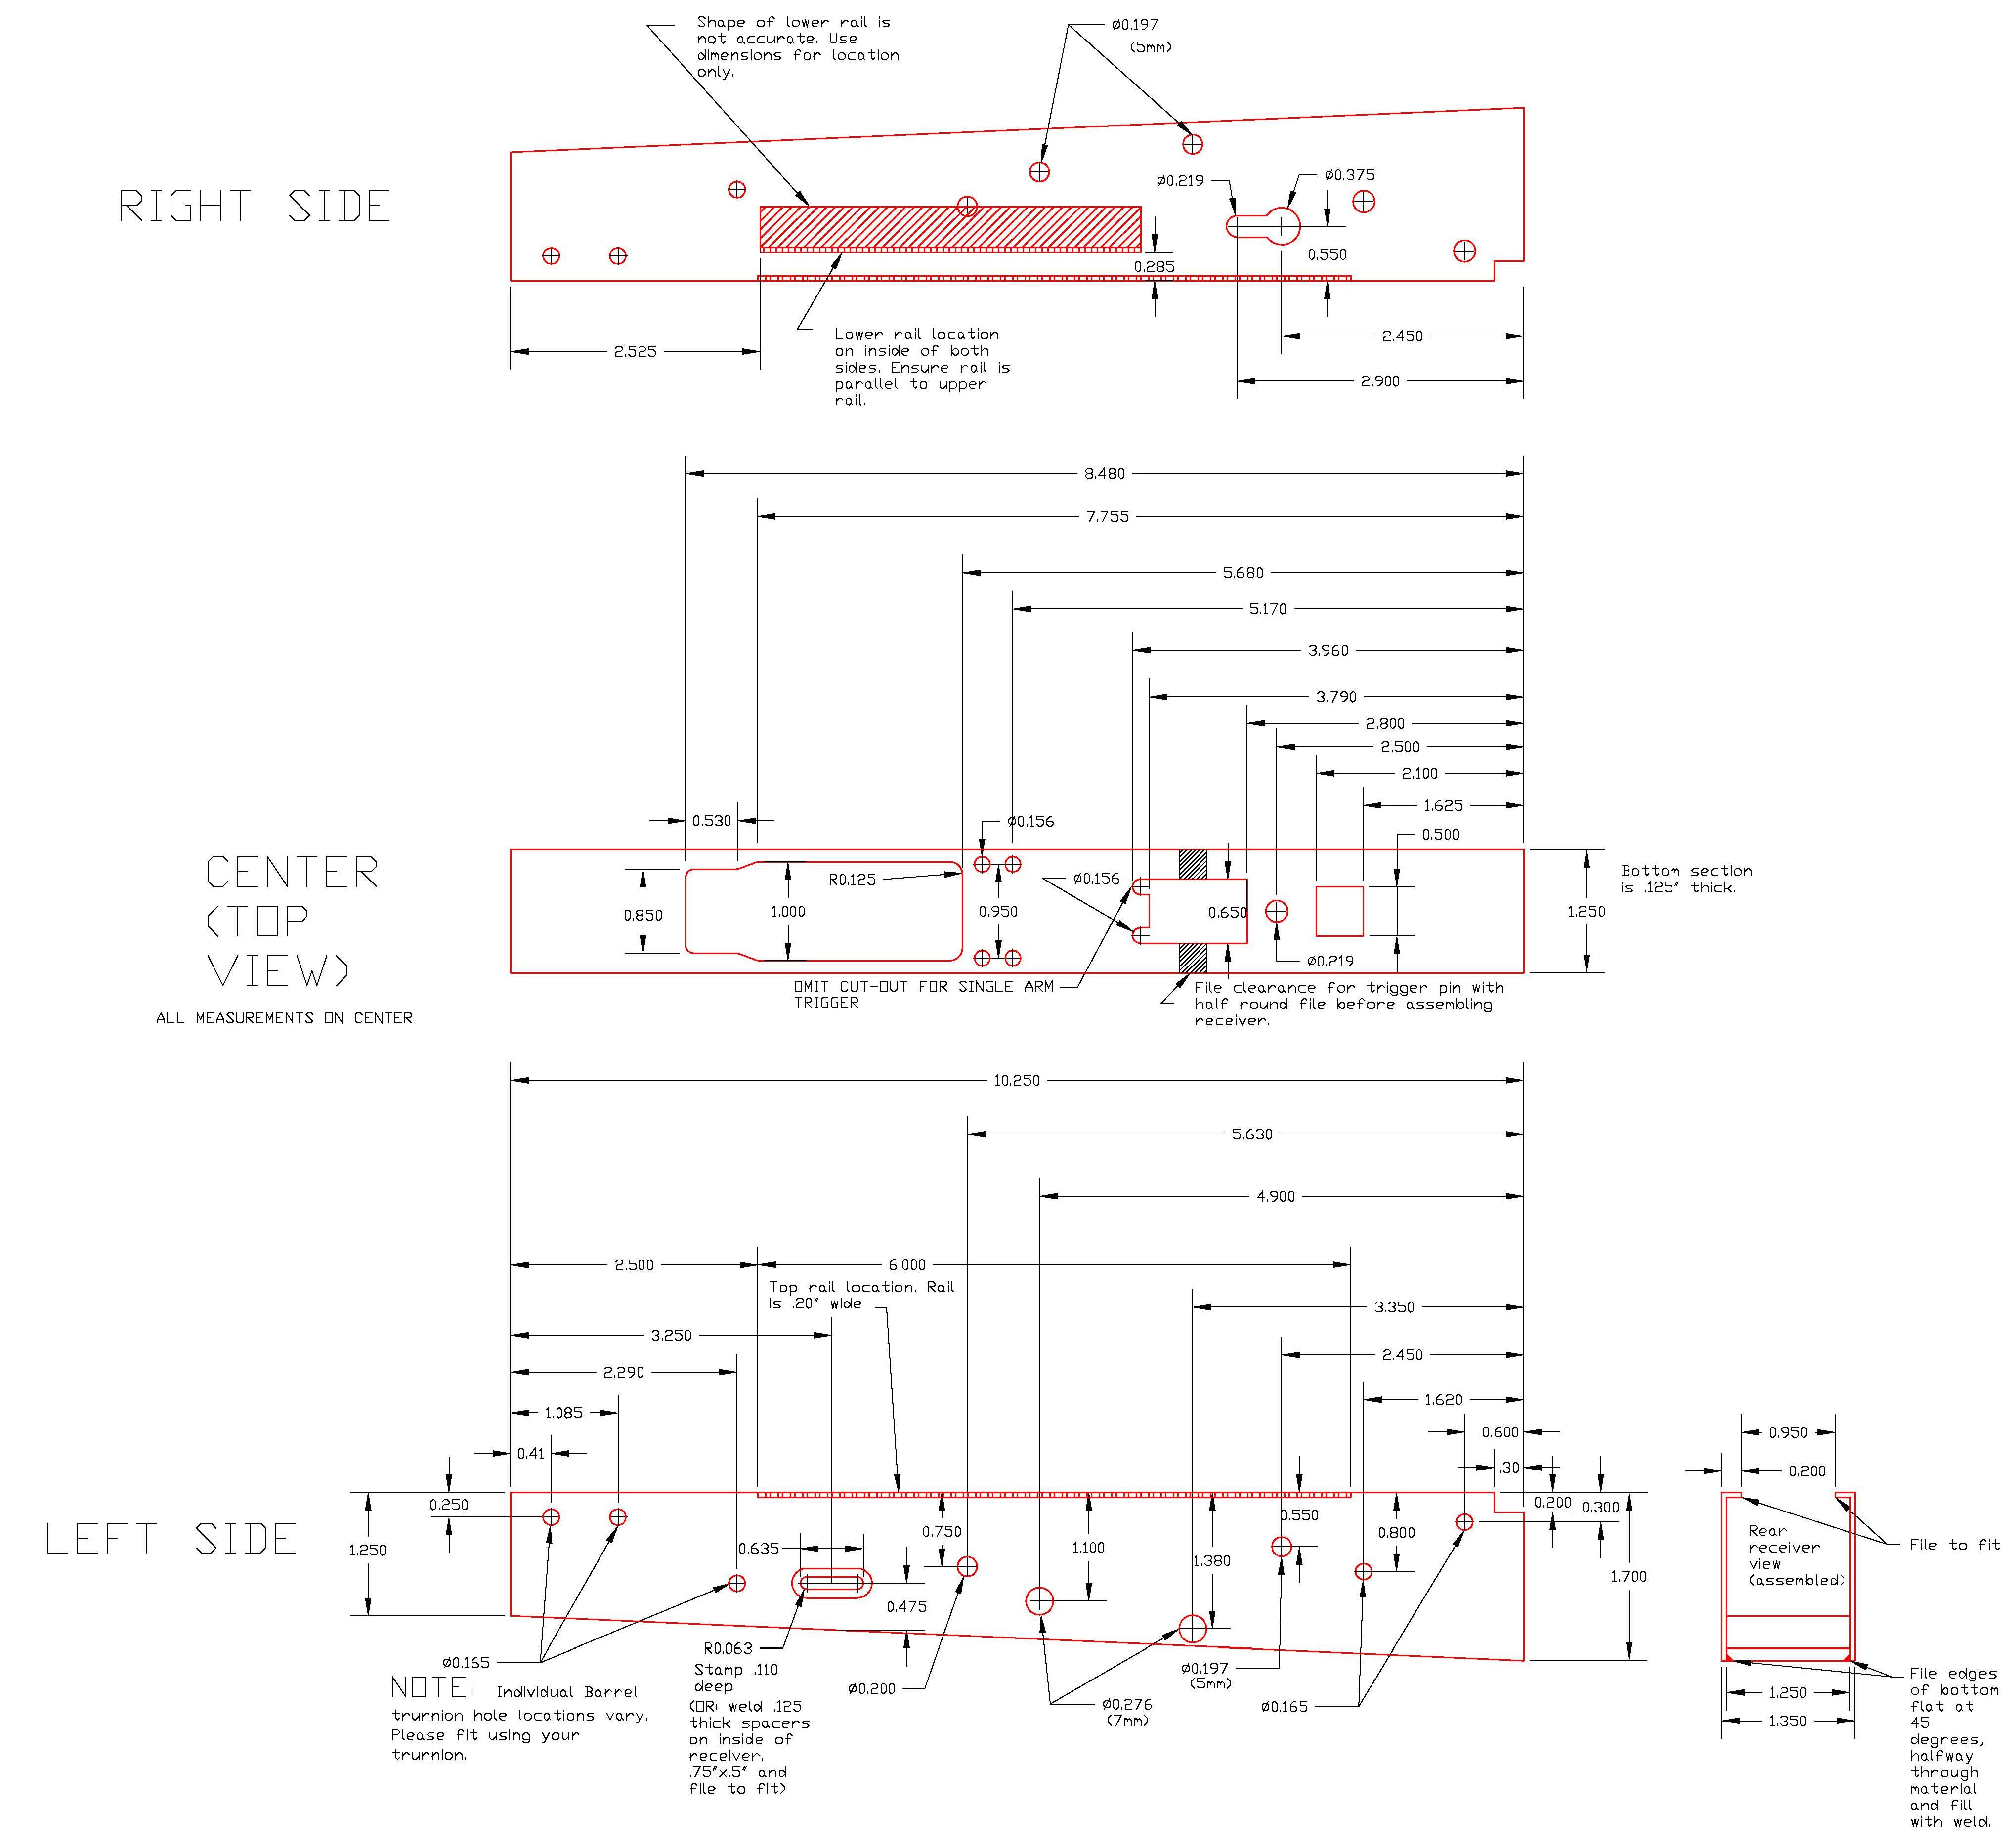 Ww2 Printable Worksheets